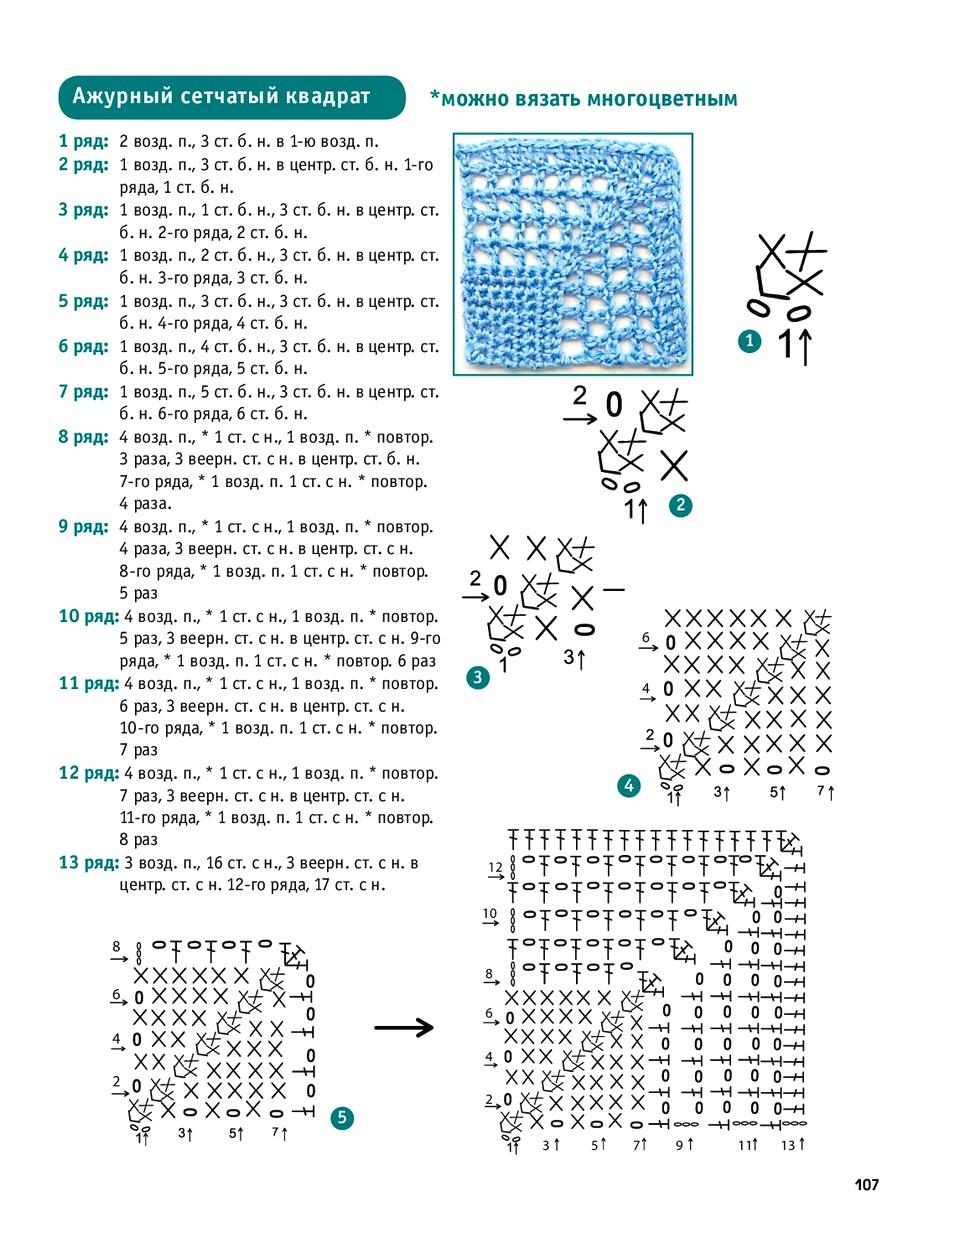 bibliya-vyazaniya-kruchkom-i-spicam-108